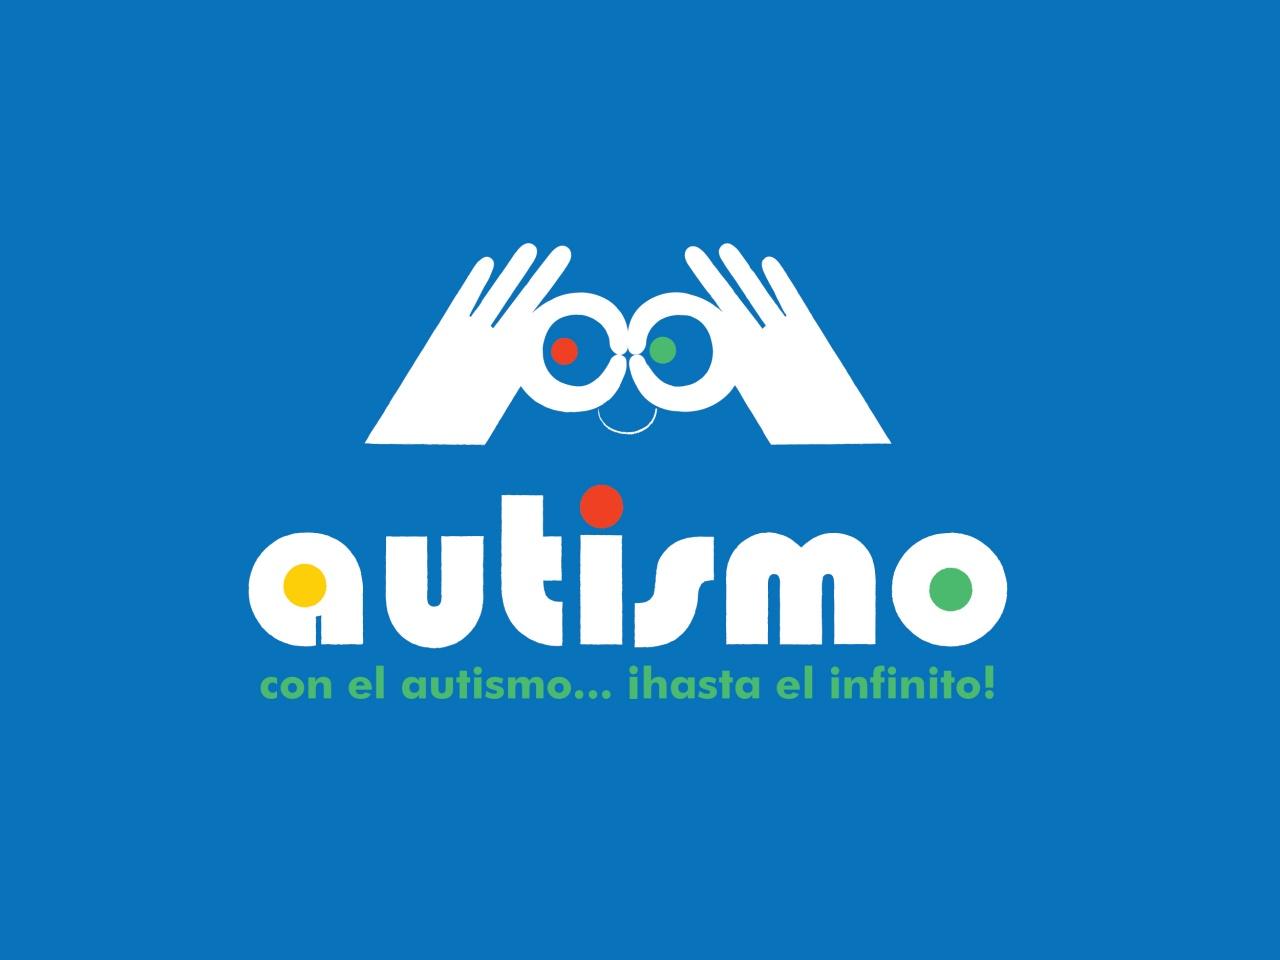 Logo para el día del autismo: ¡hasta el infinito!